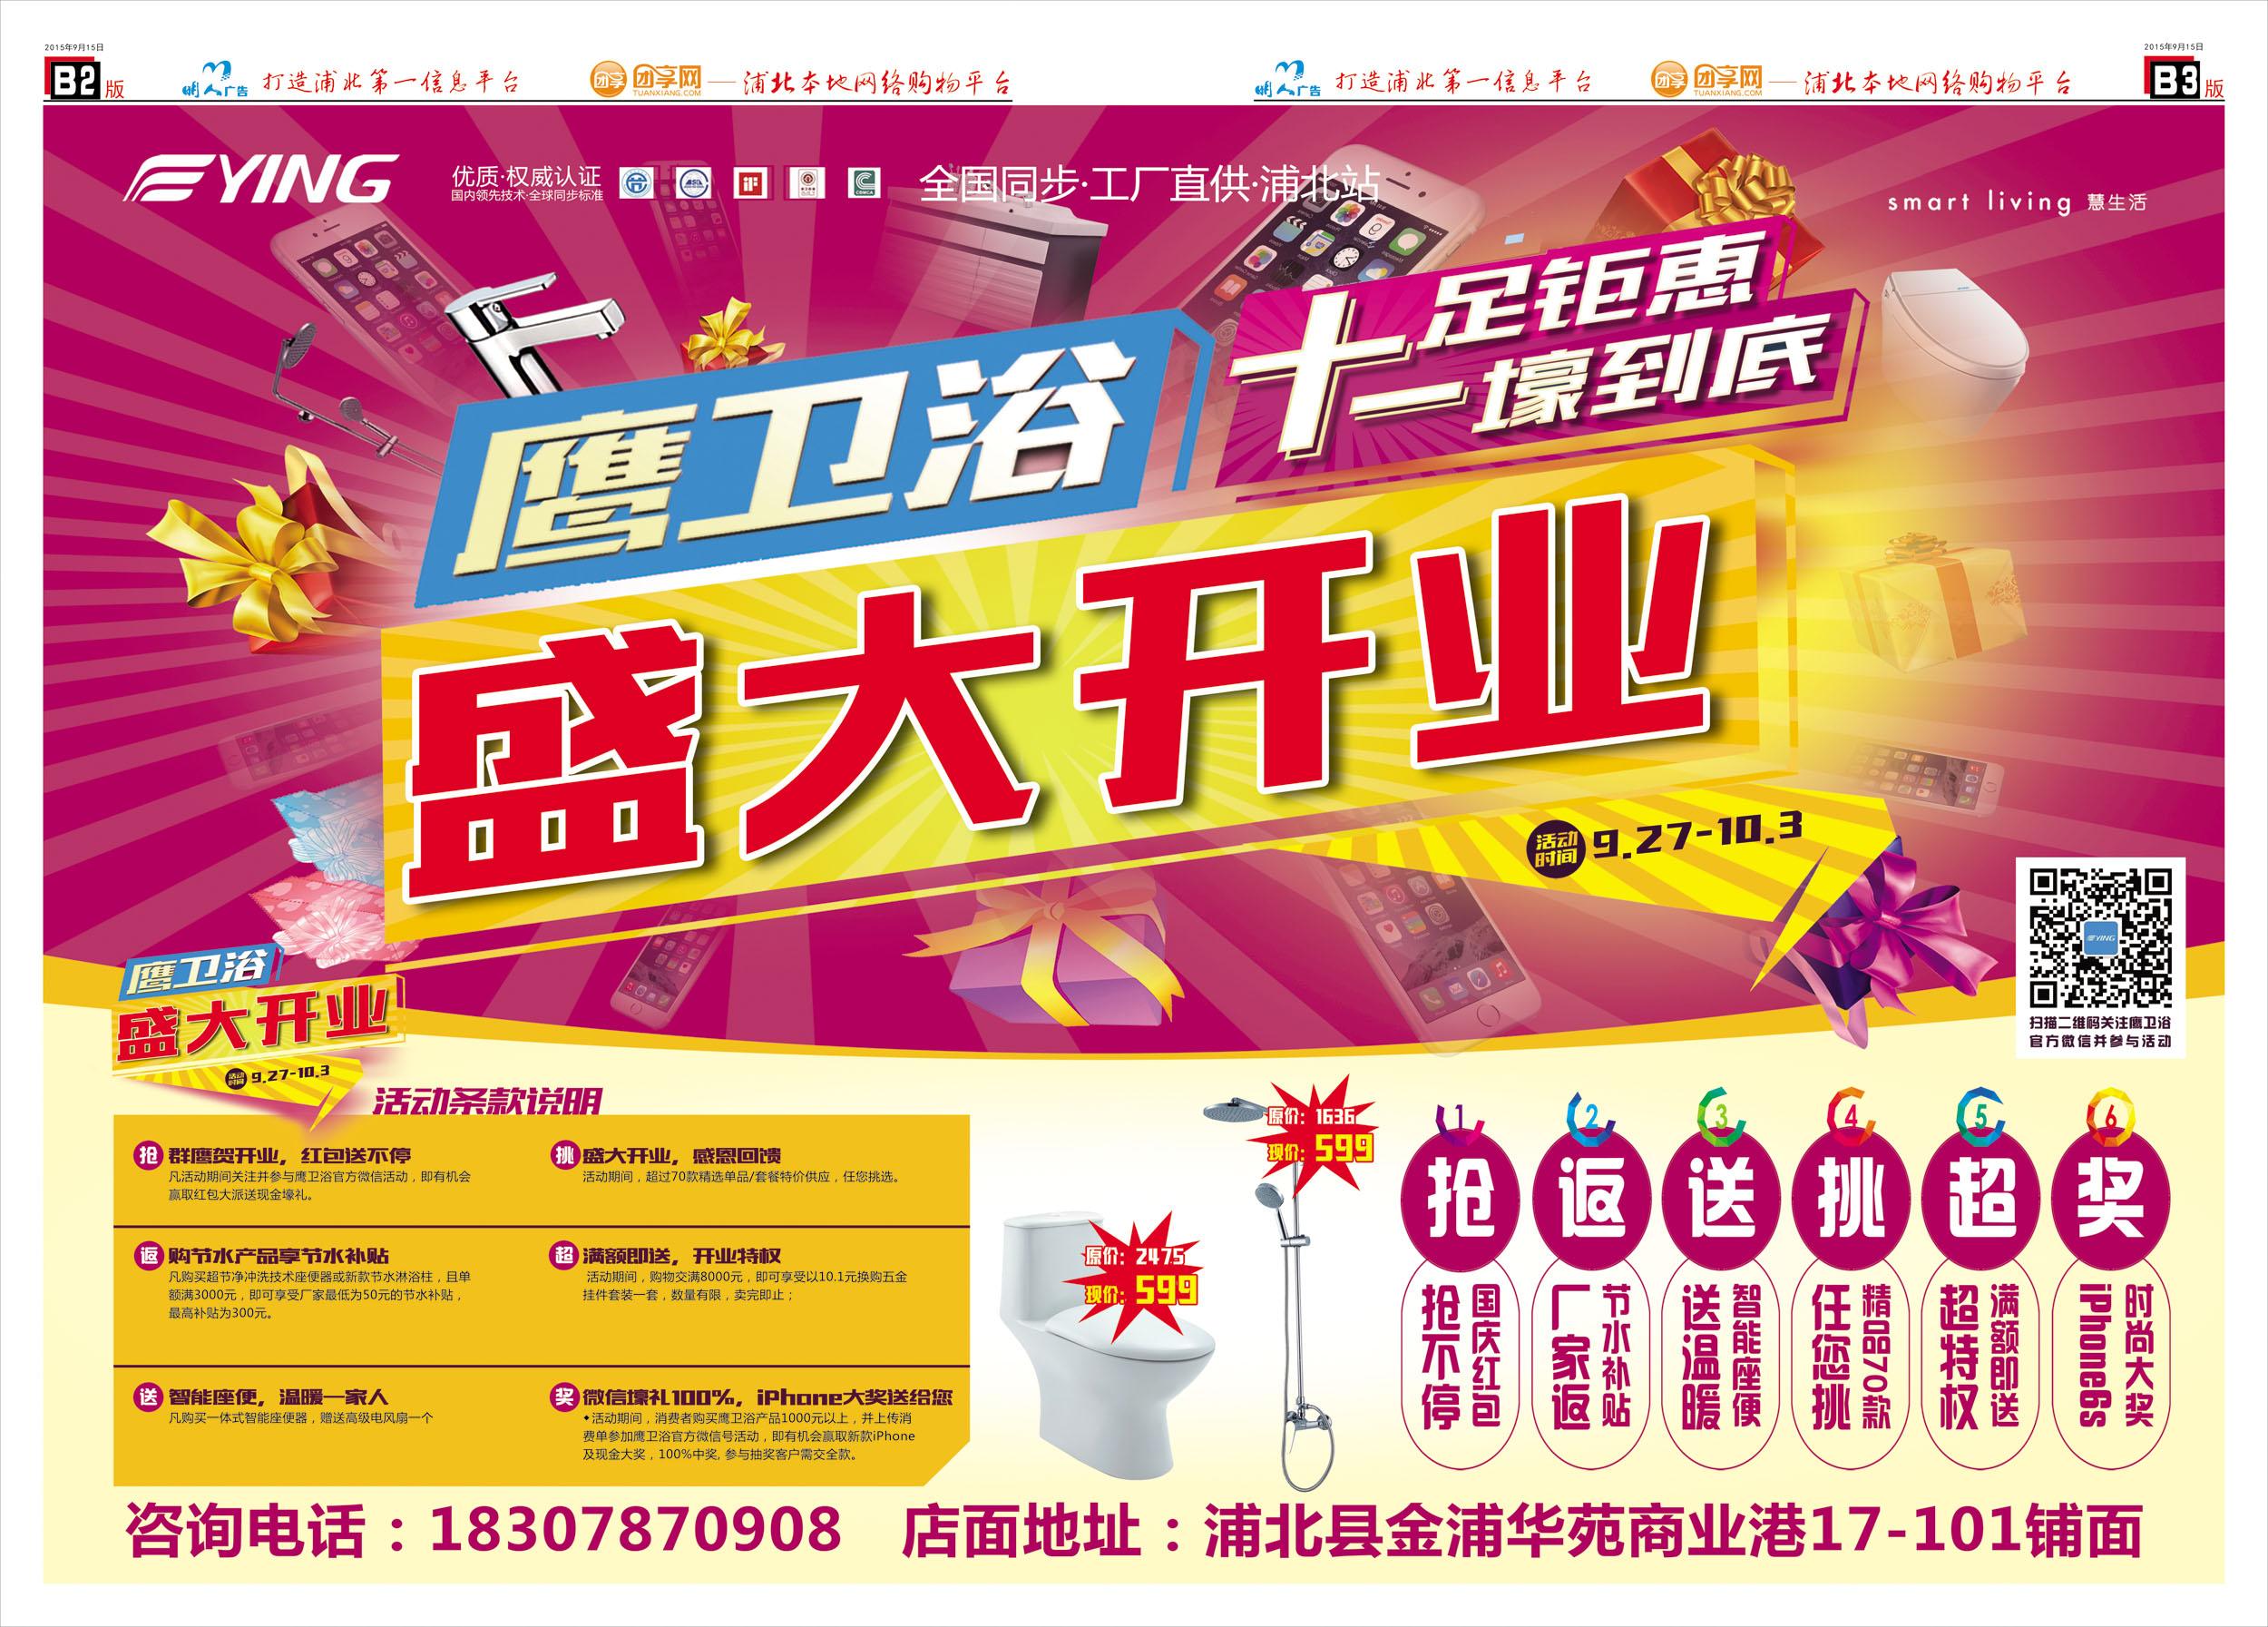 浦北明人DM201505期B4-B1